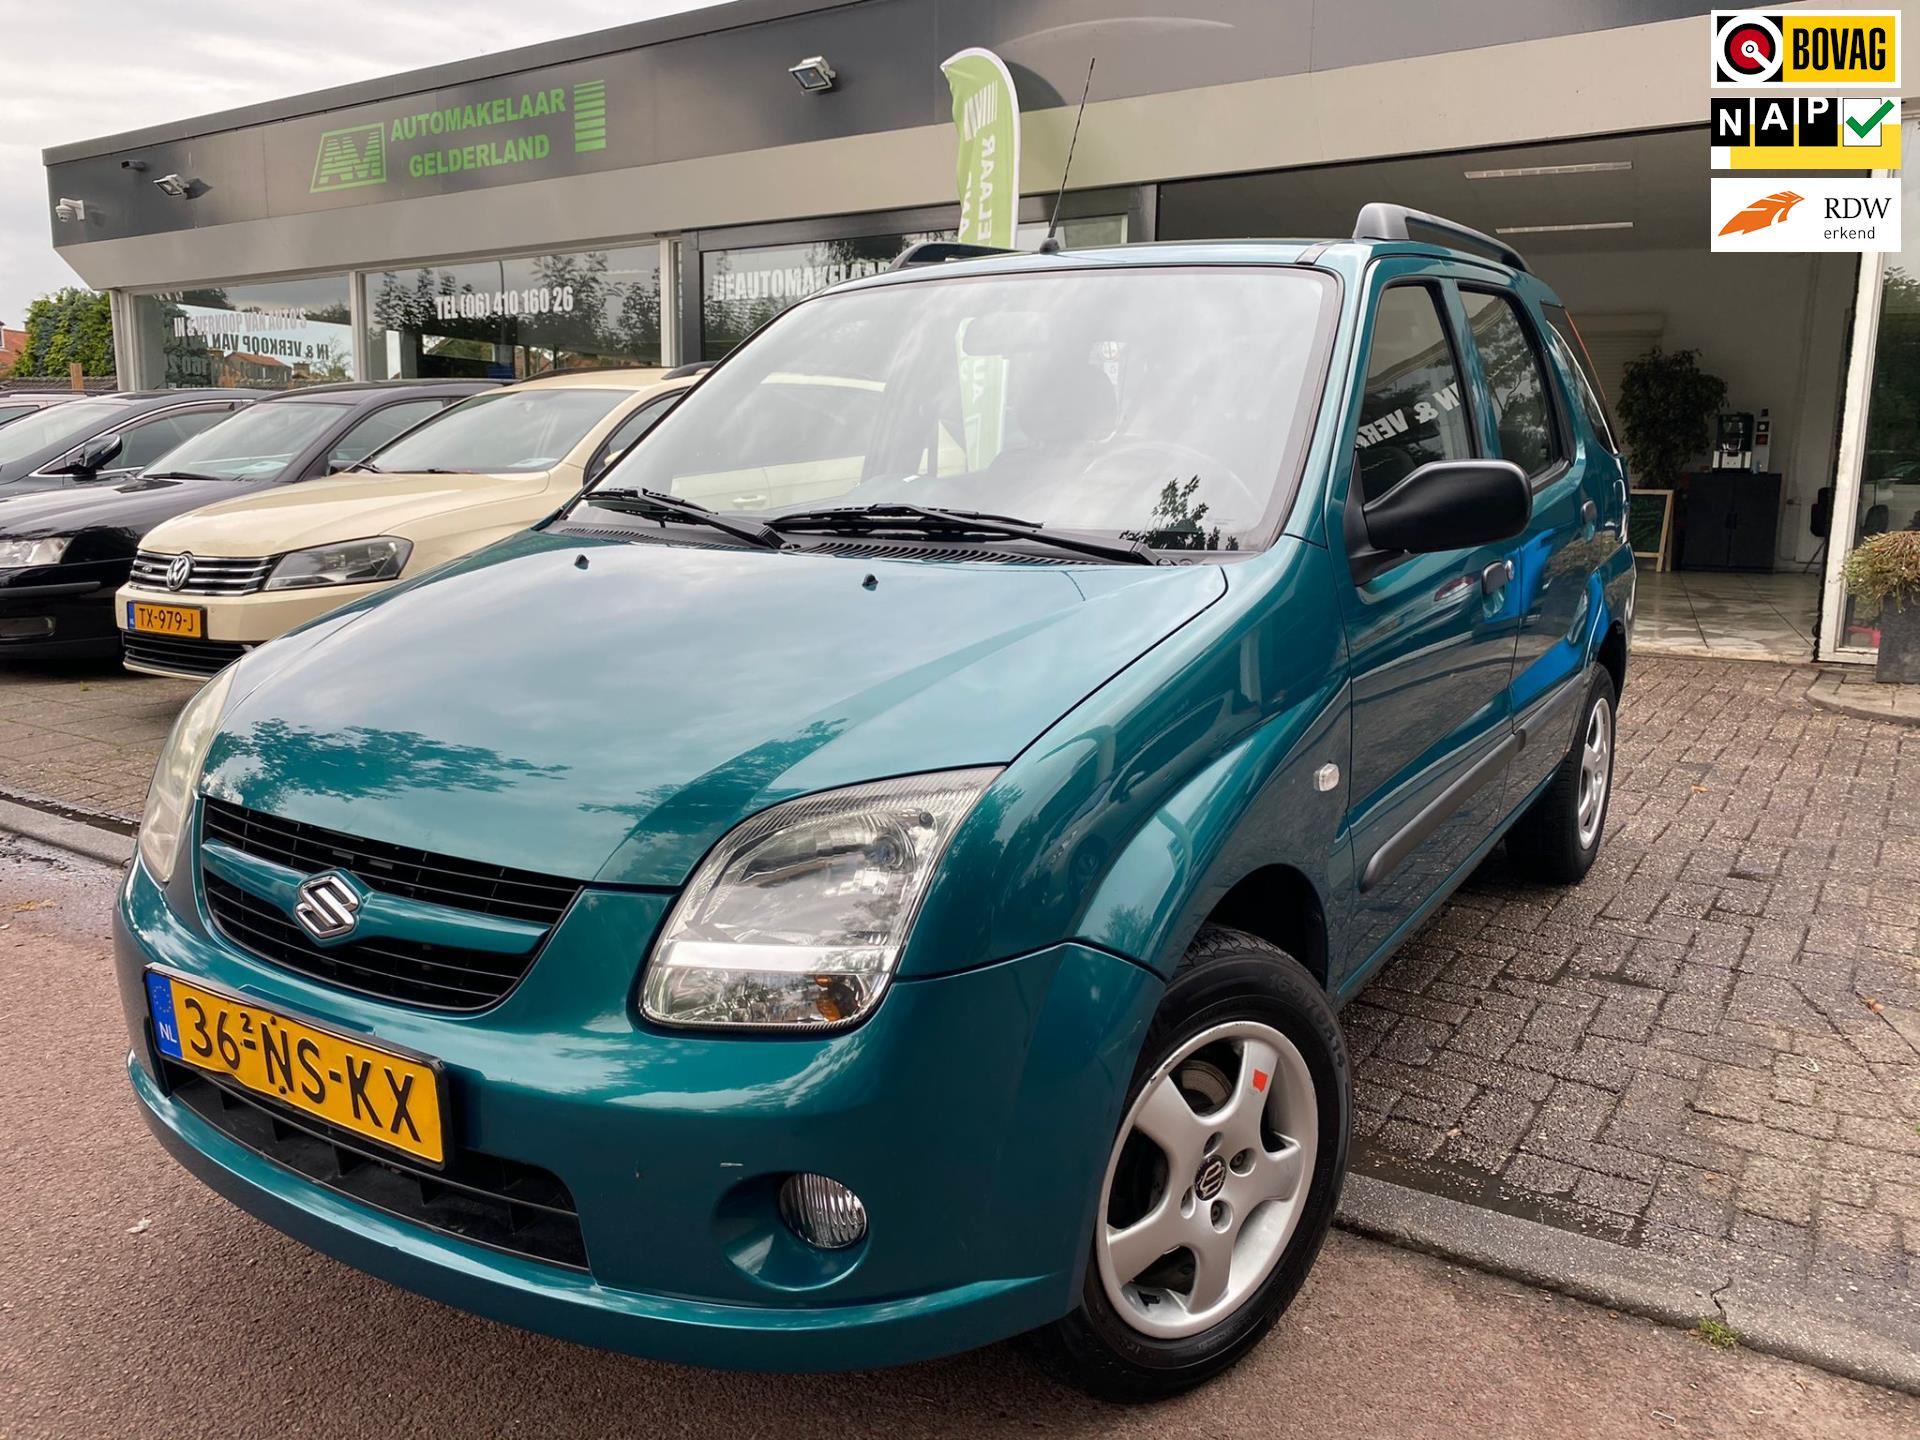 Suzuki Ignis occasion - De Automakelaar Gelderland